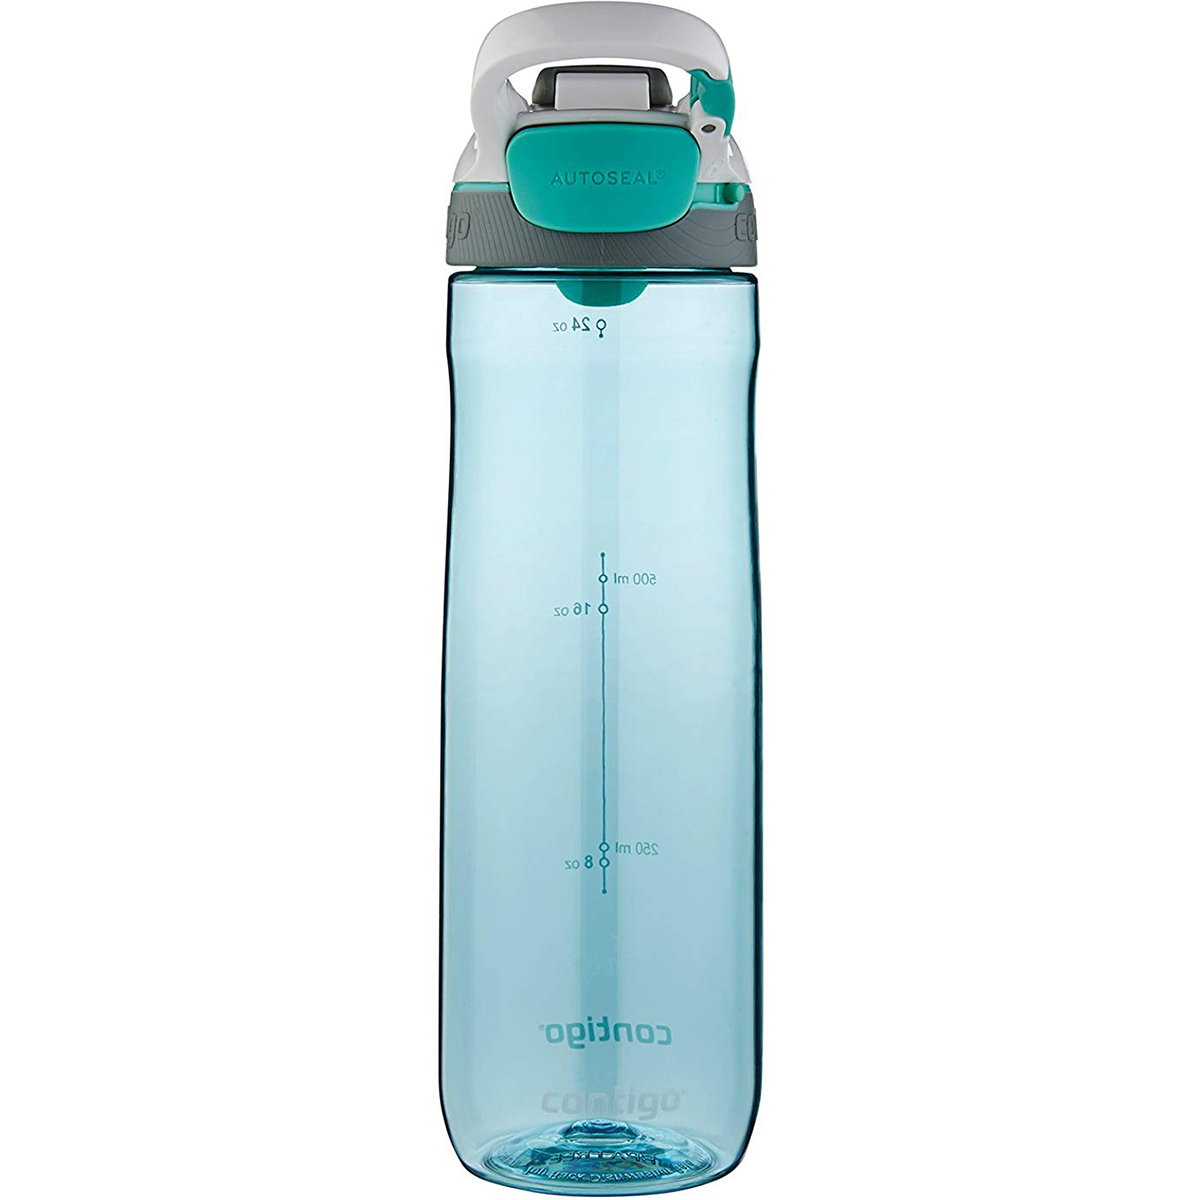 Contigo-24-oz-Cortland-Autoseal-Water-Bottle miniatura 4